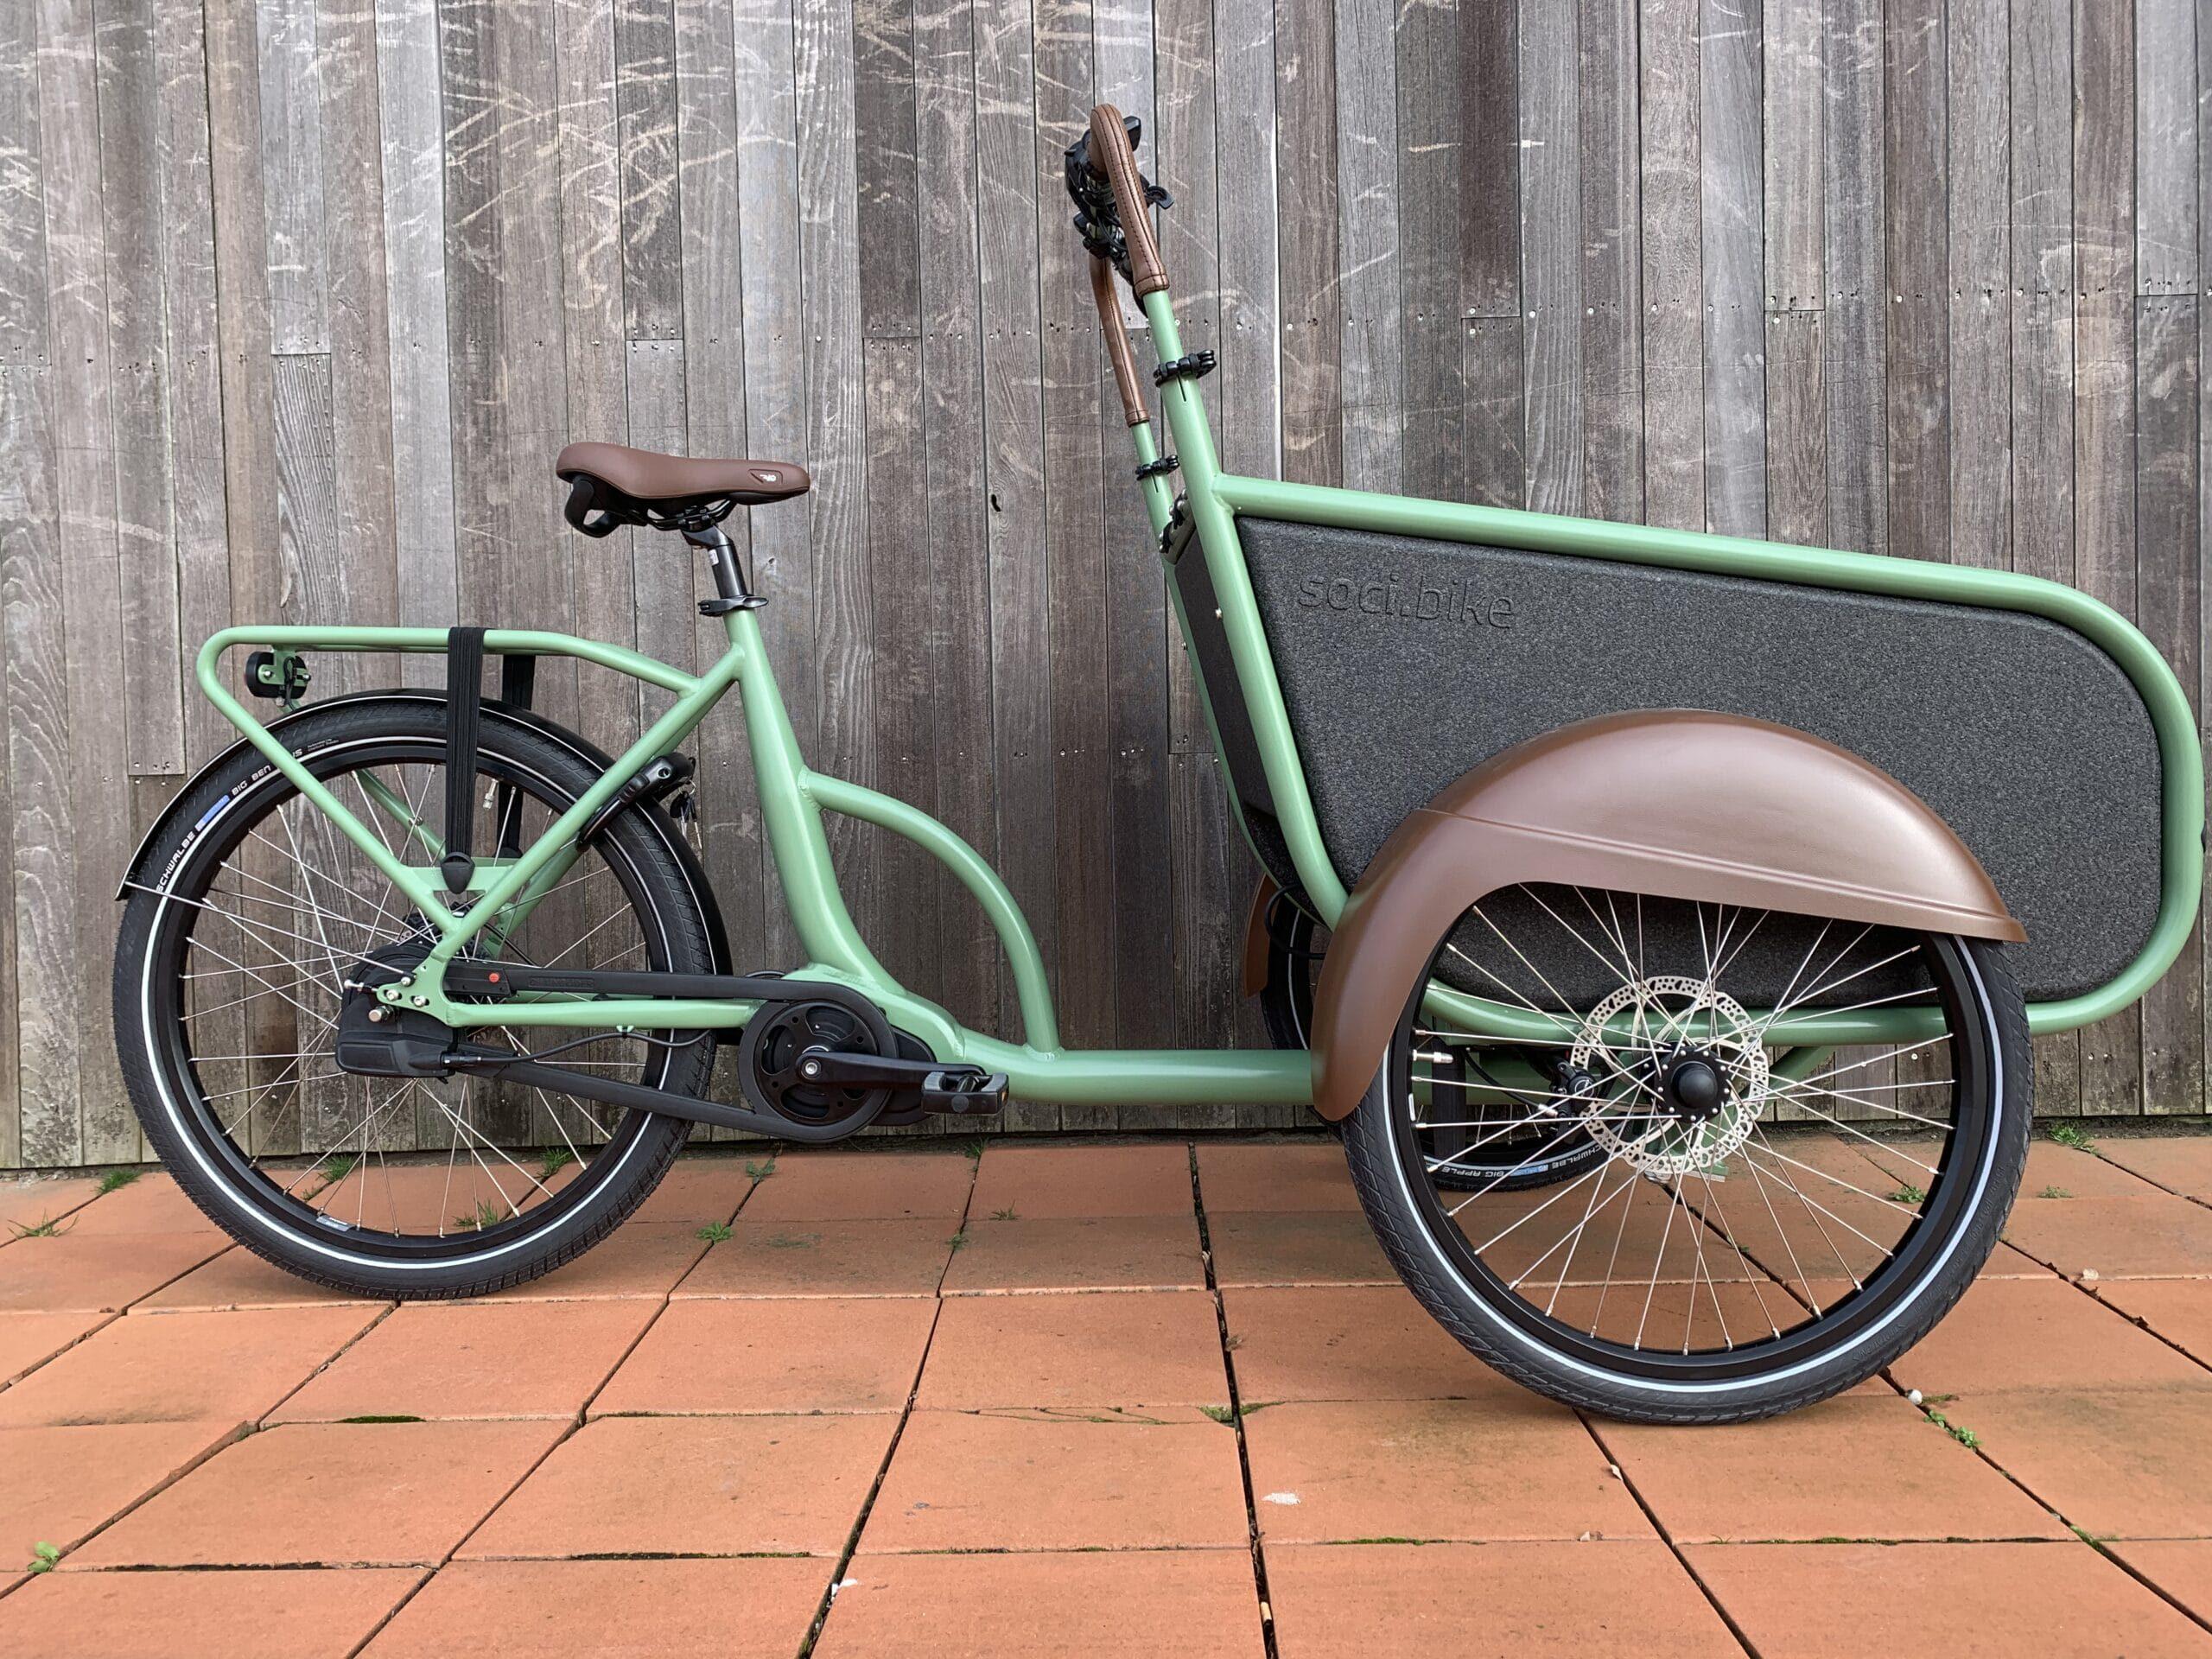 soci.bike bakfiets resedagroen